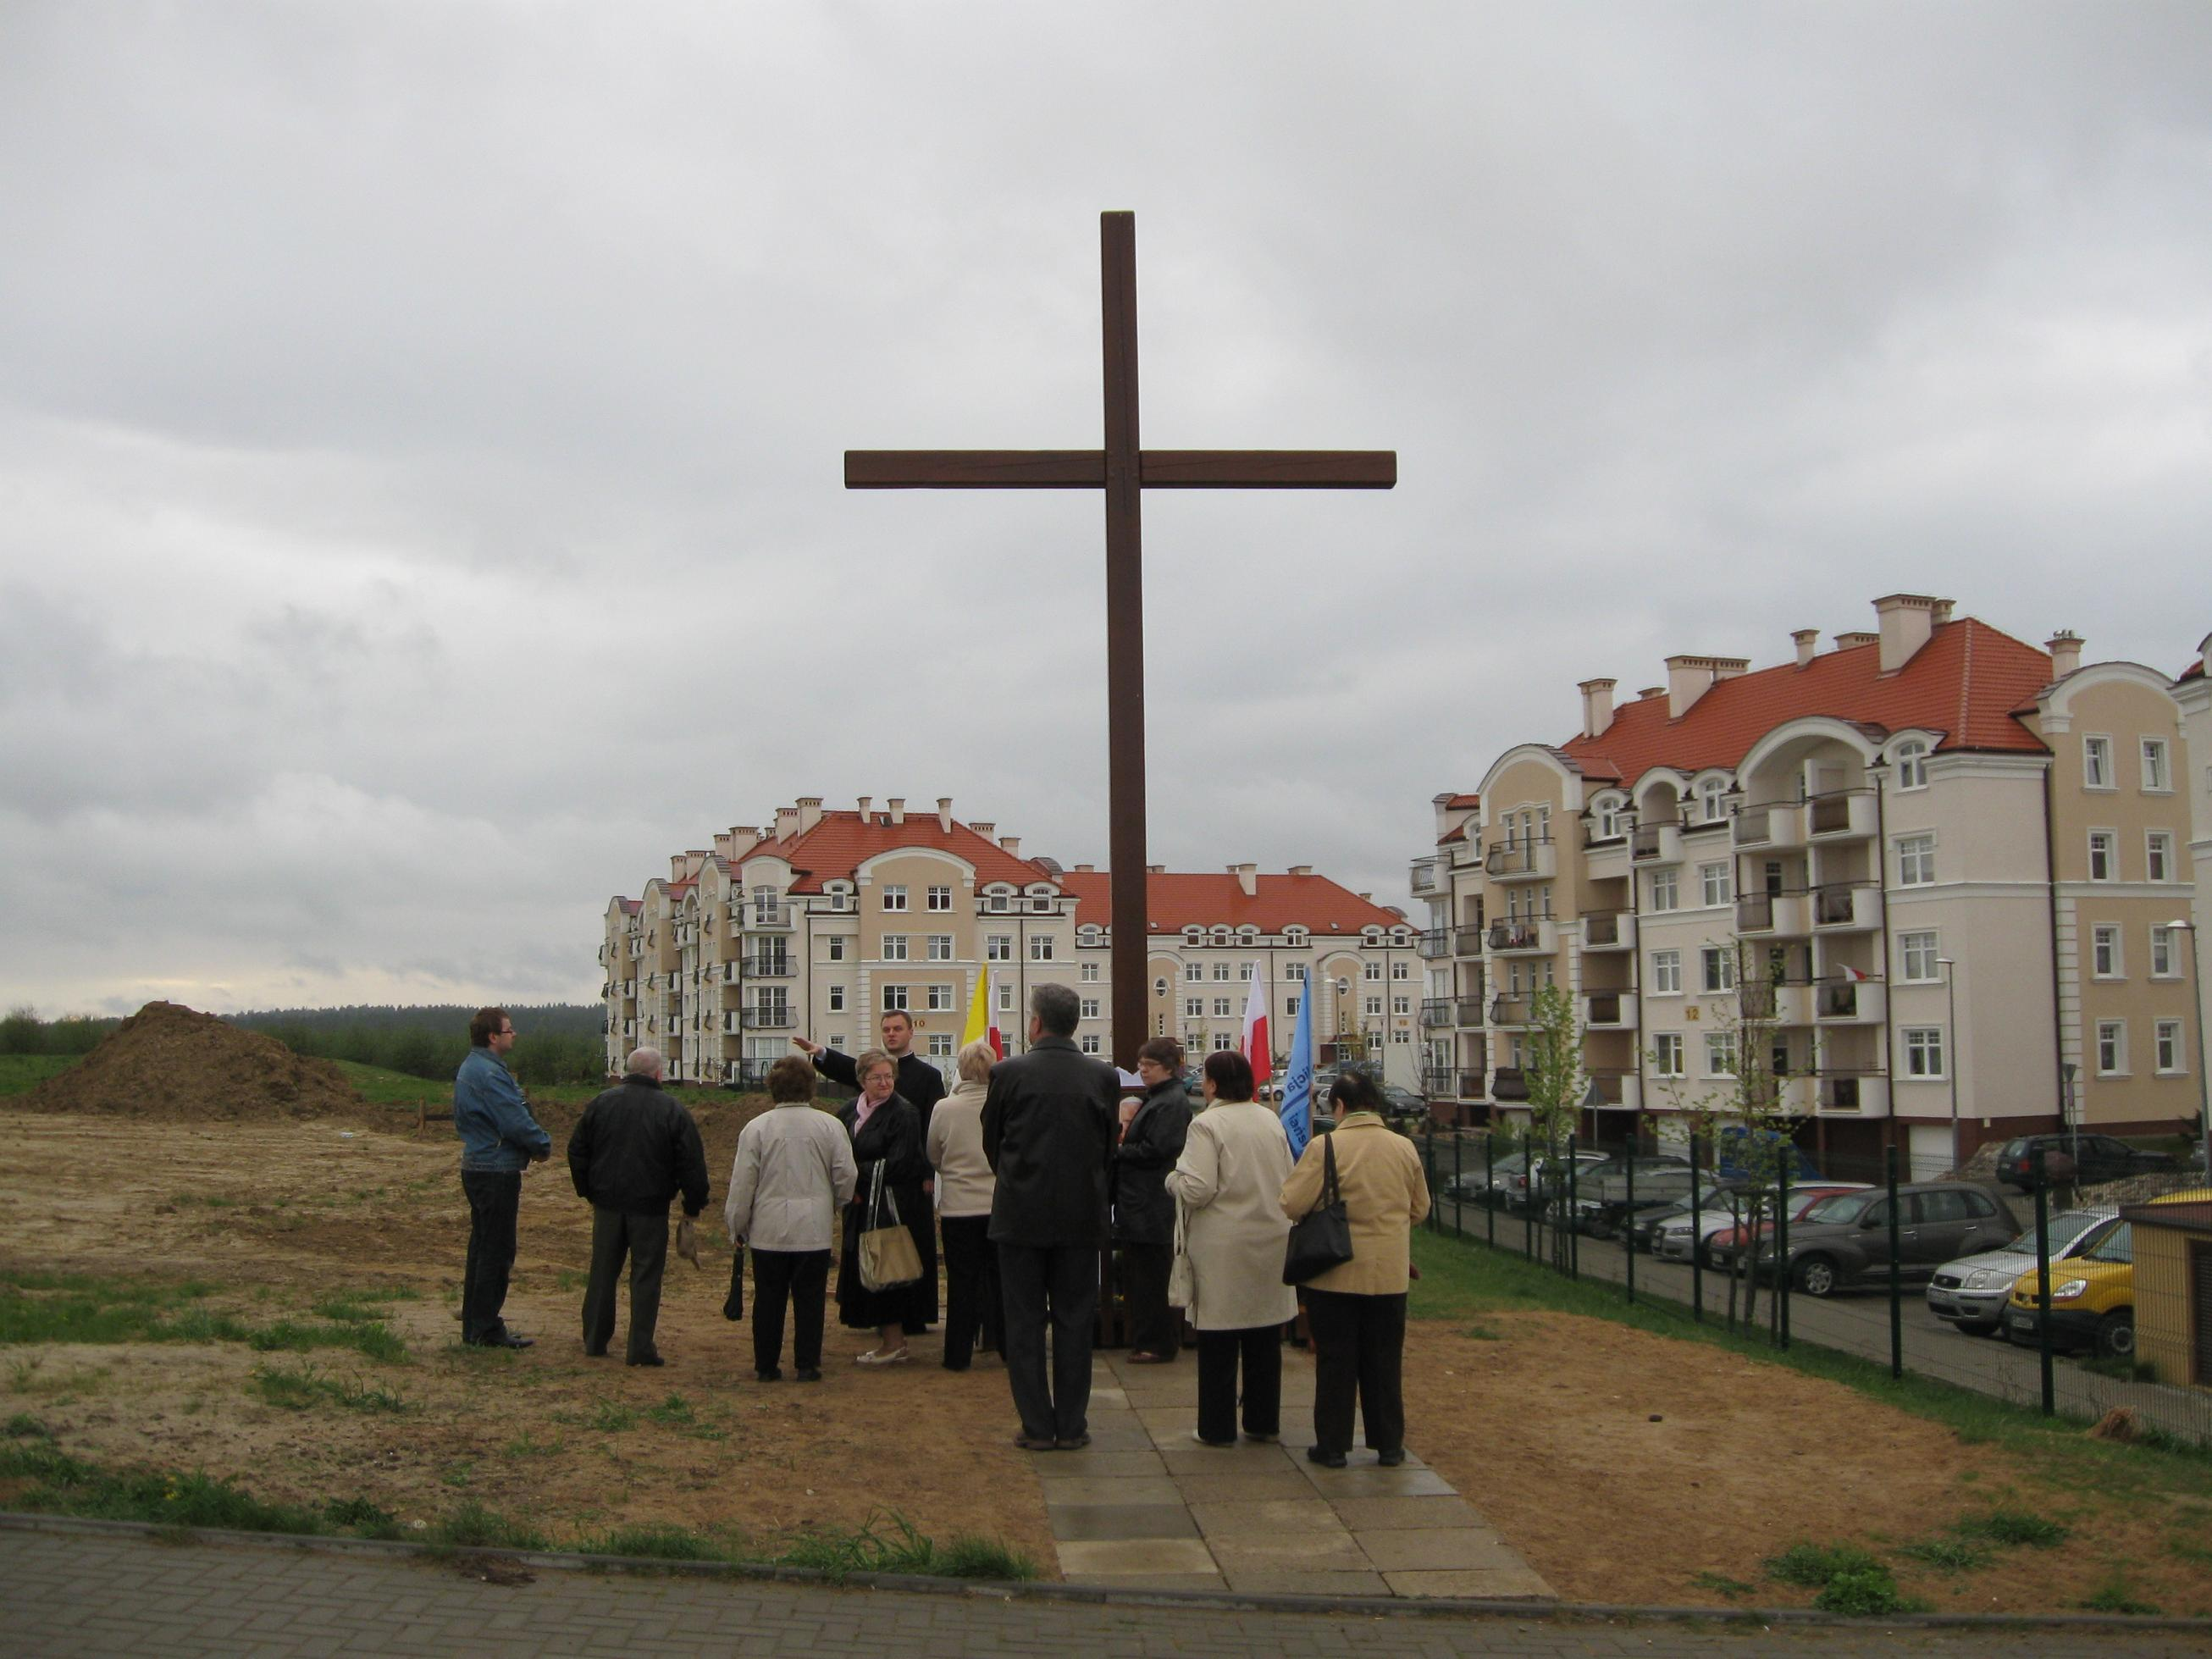 Zdjęcia z Nabożeństw Majowych rok temu – maj 2011